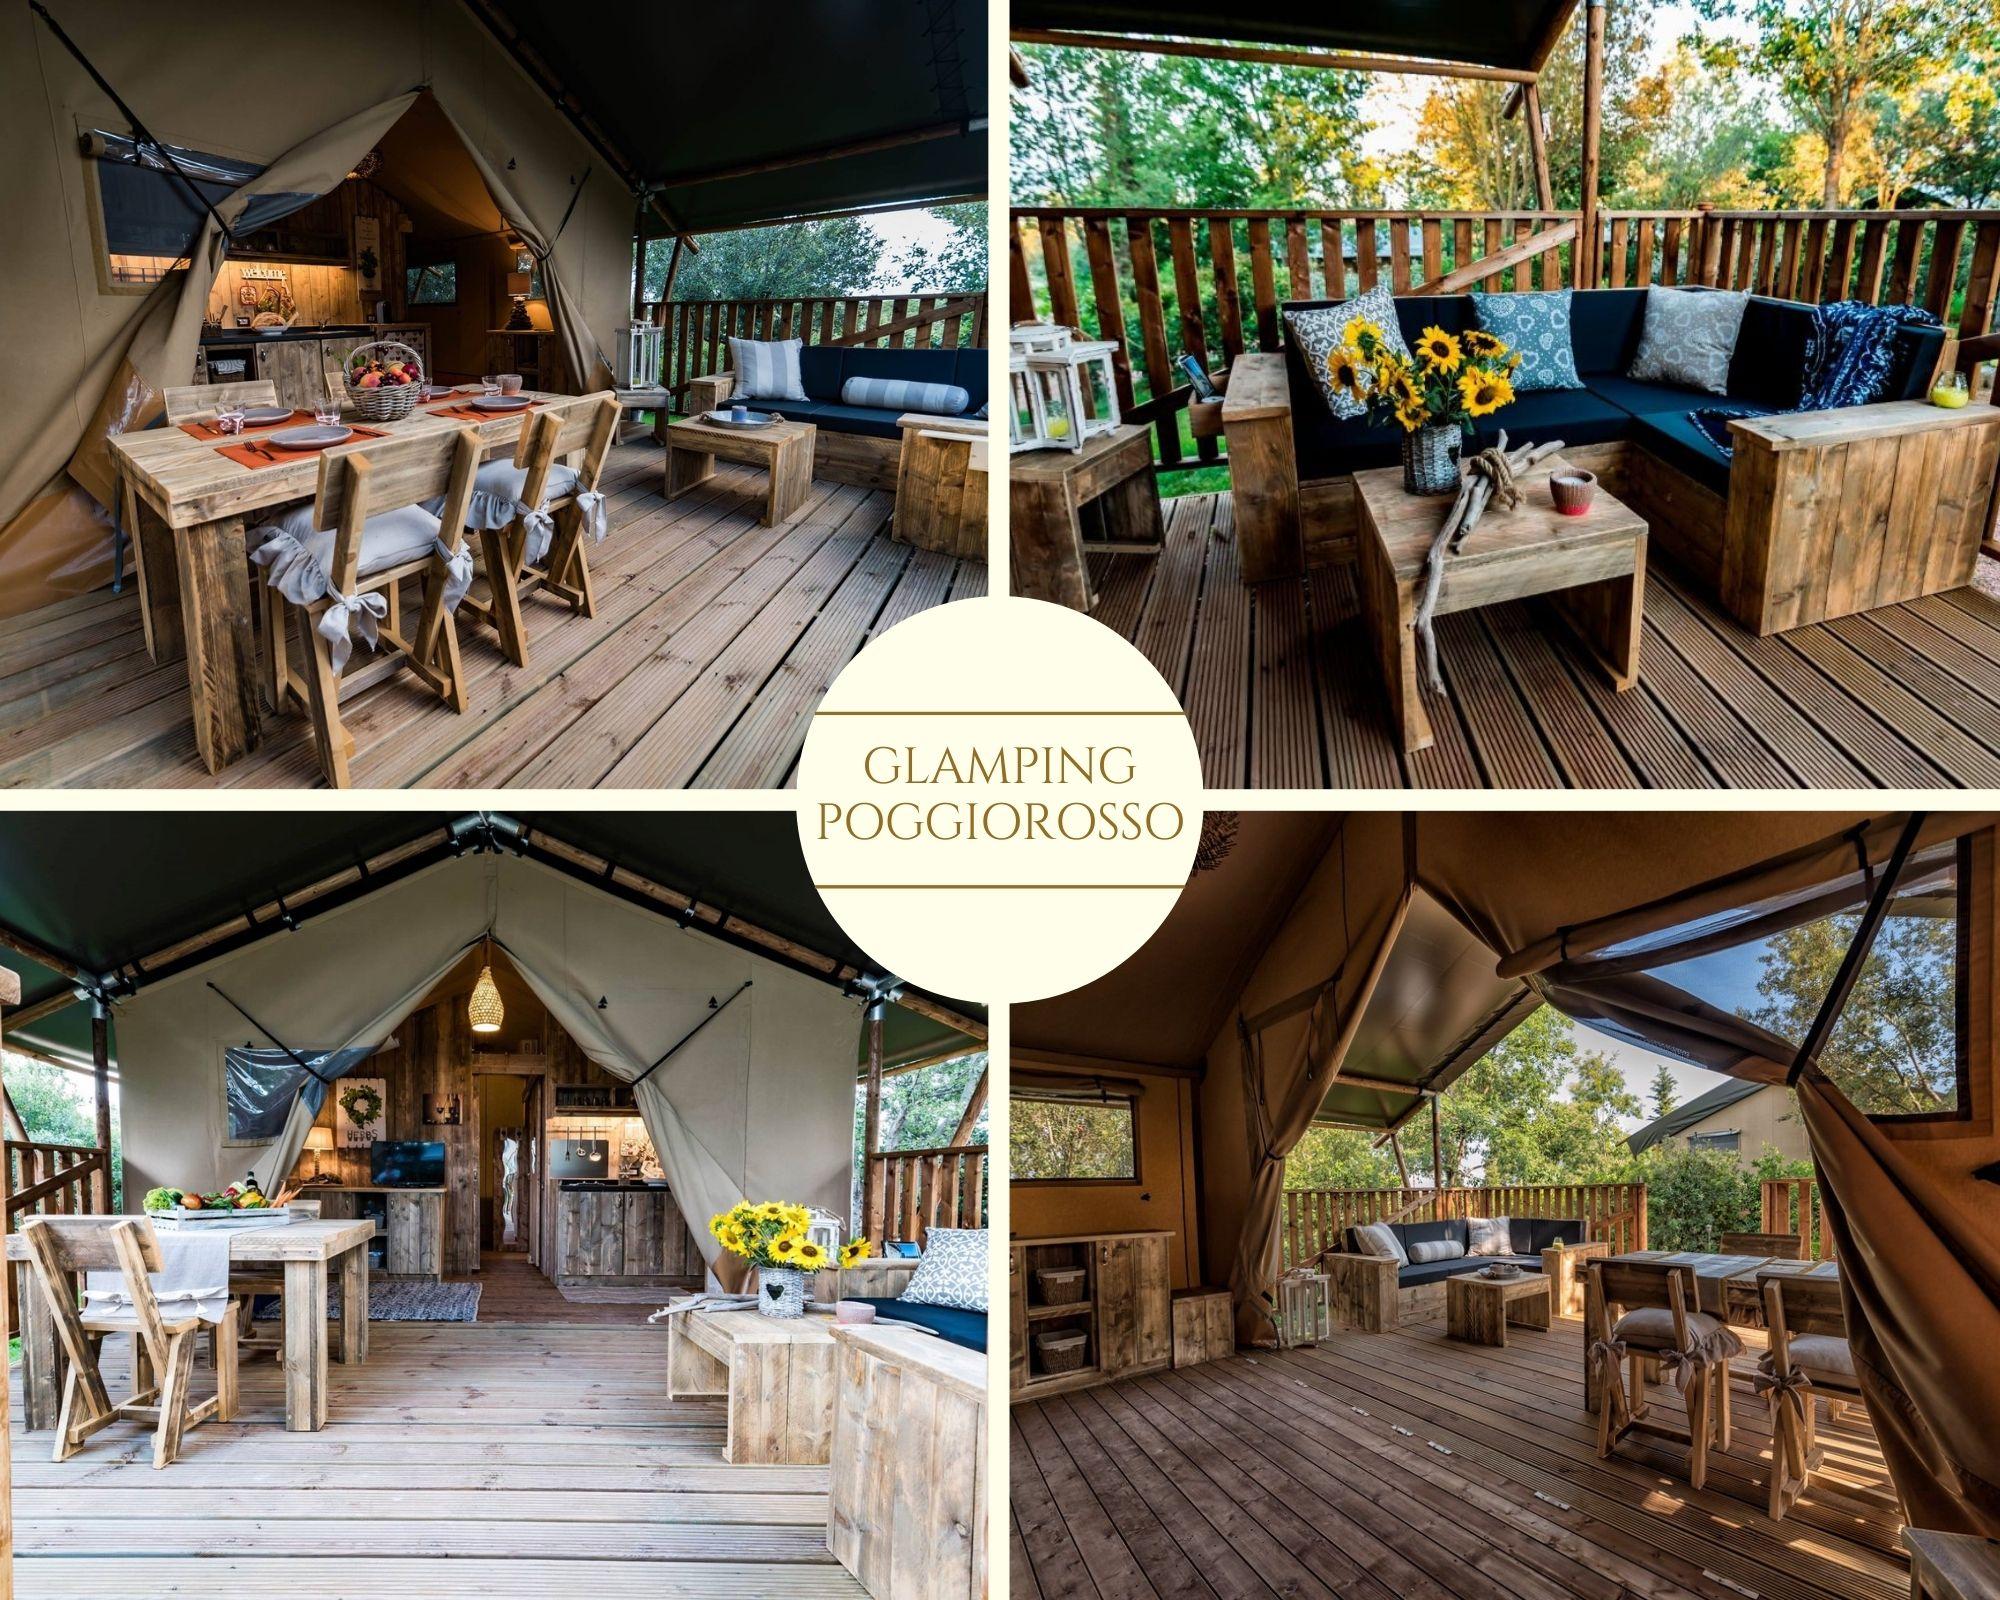 Eco-tenda Glamping Poggiorosso